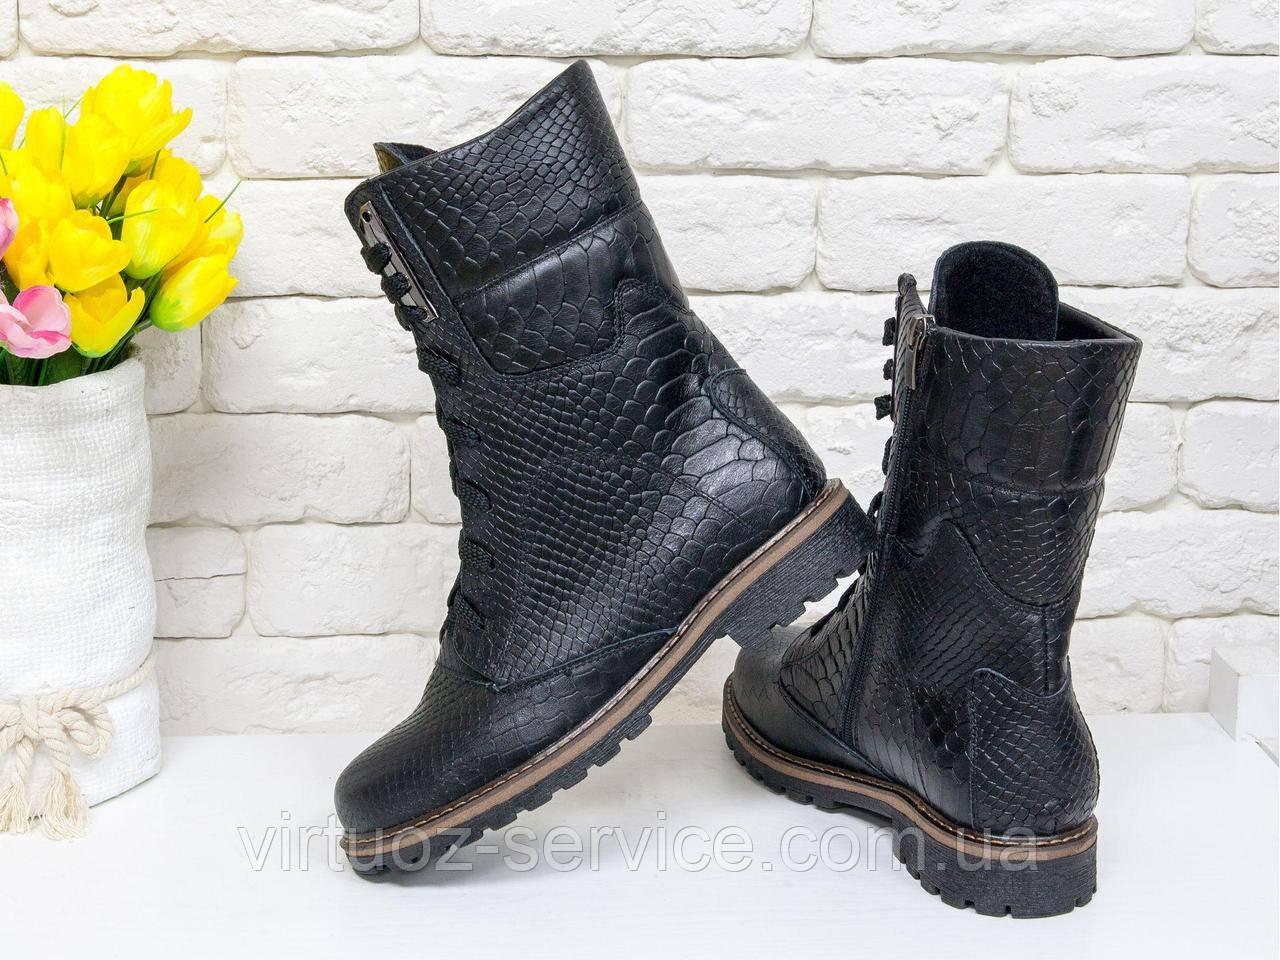 Ботинки женские Gino Figini Б-44-04 из натуральной кожи 39 Черный